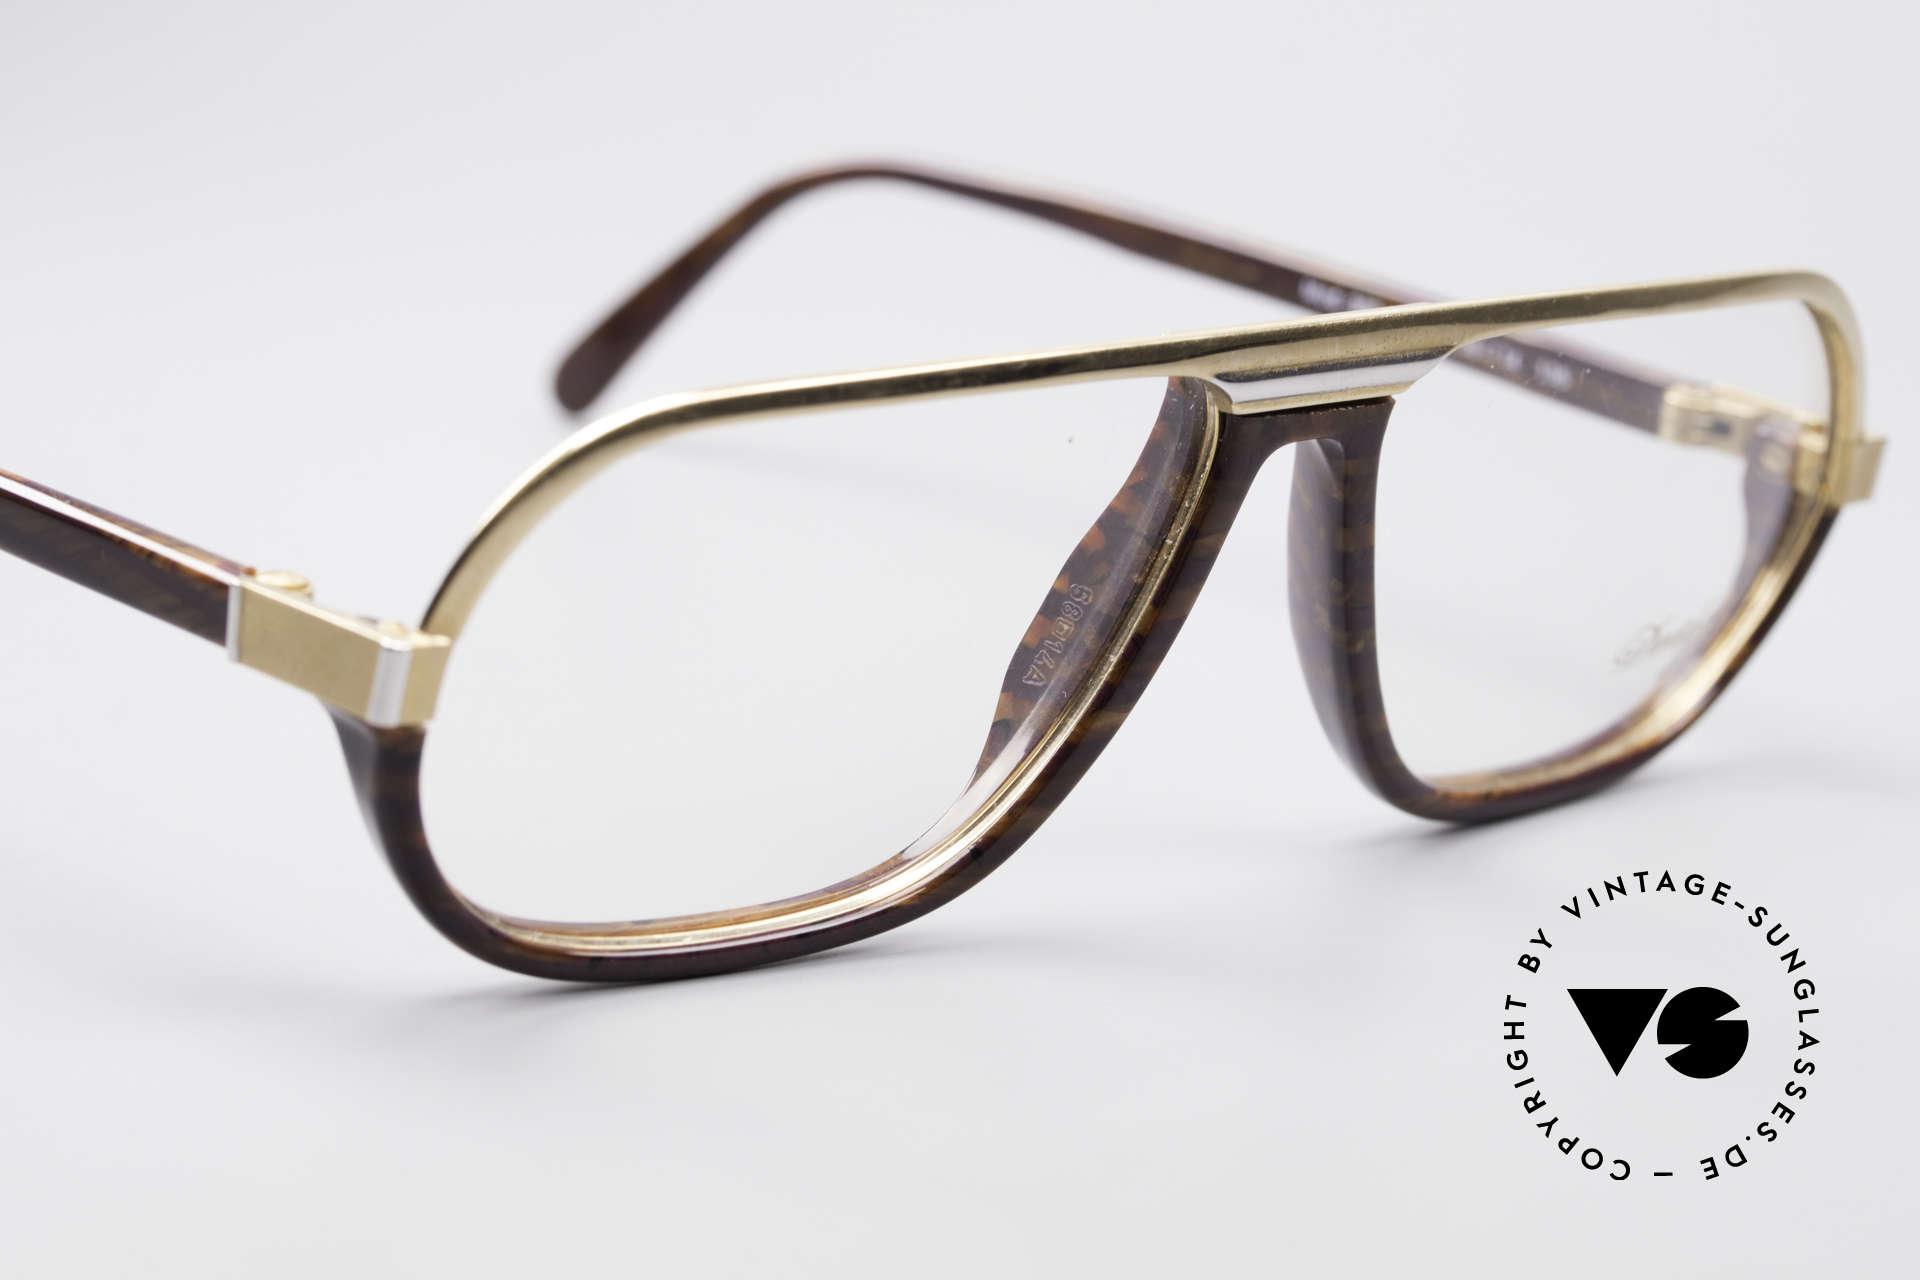 Davidoff 300 Kleine Herren Vintage Brille, ungetragen (wie alle unsere 90er Davidoff Herren-Brillen), Passend für Herren